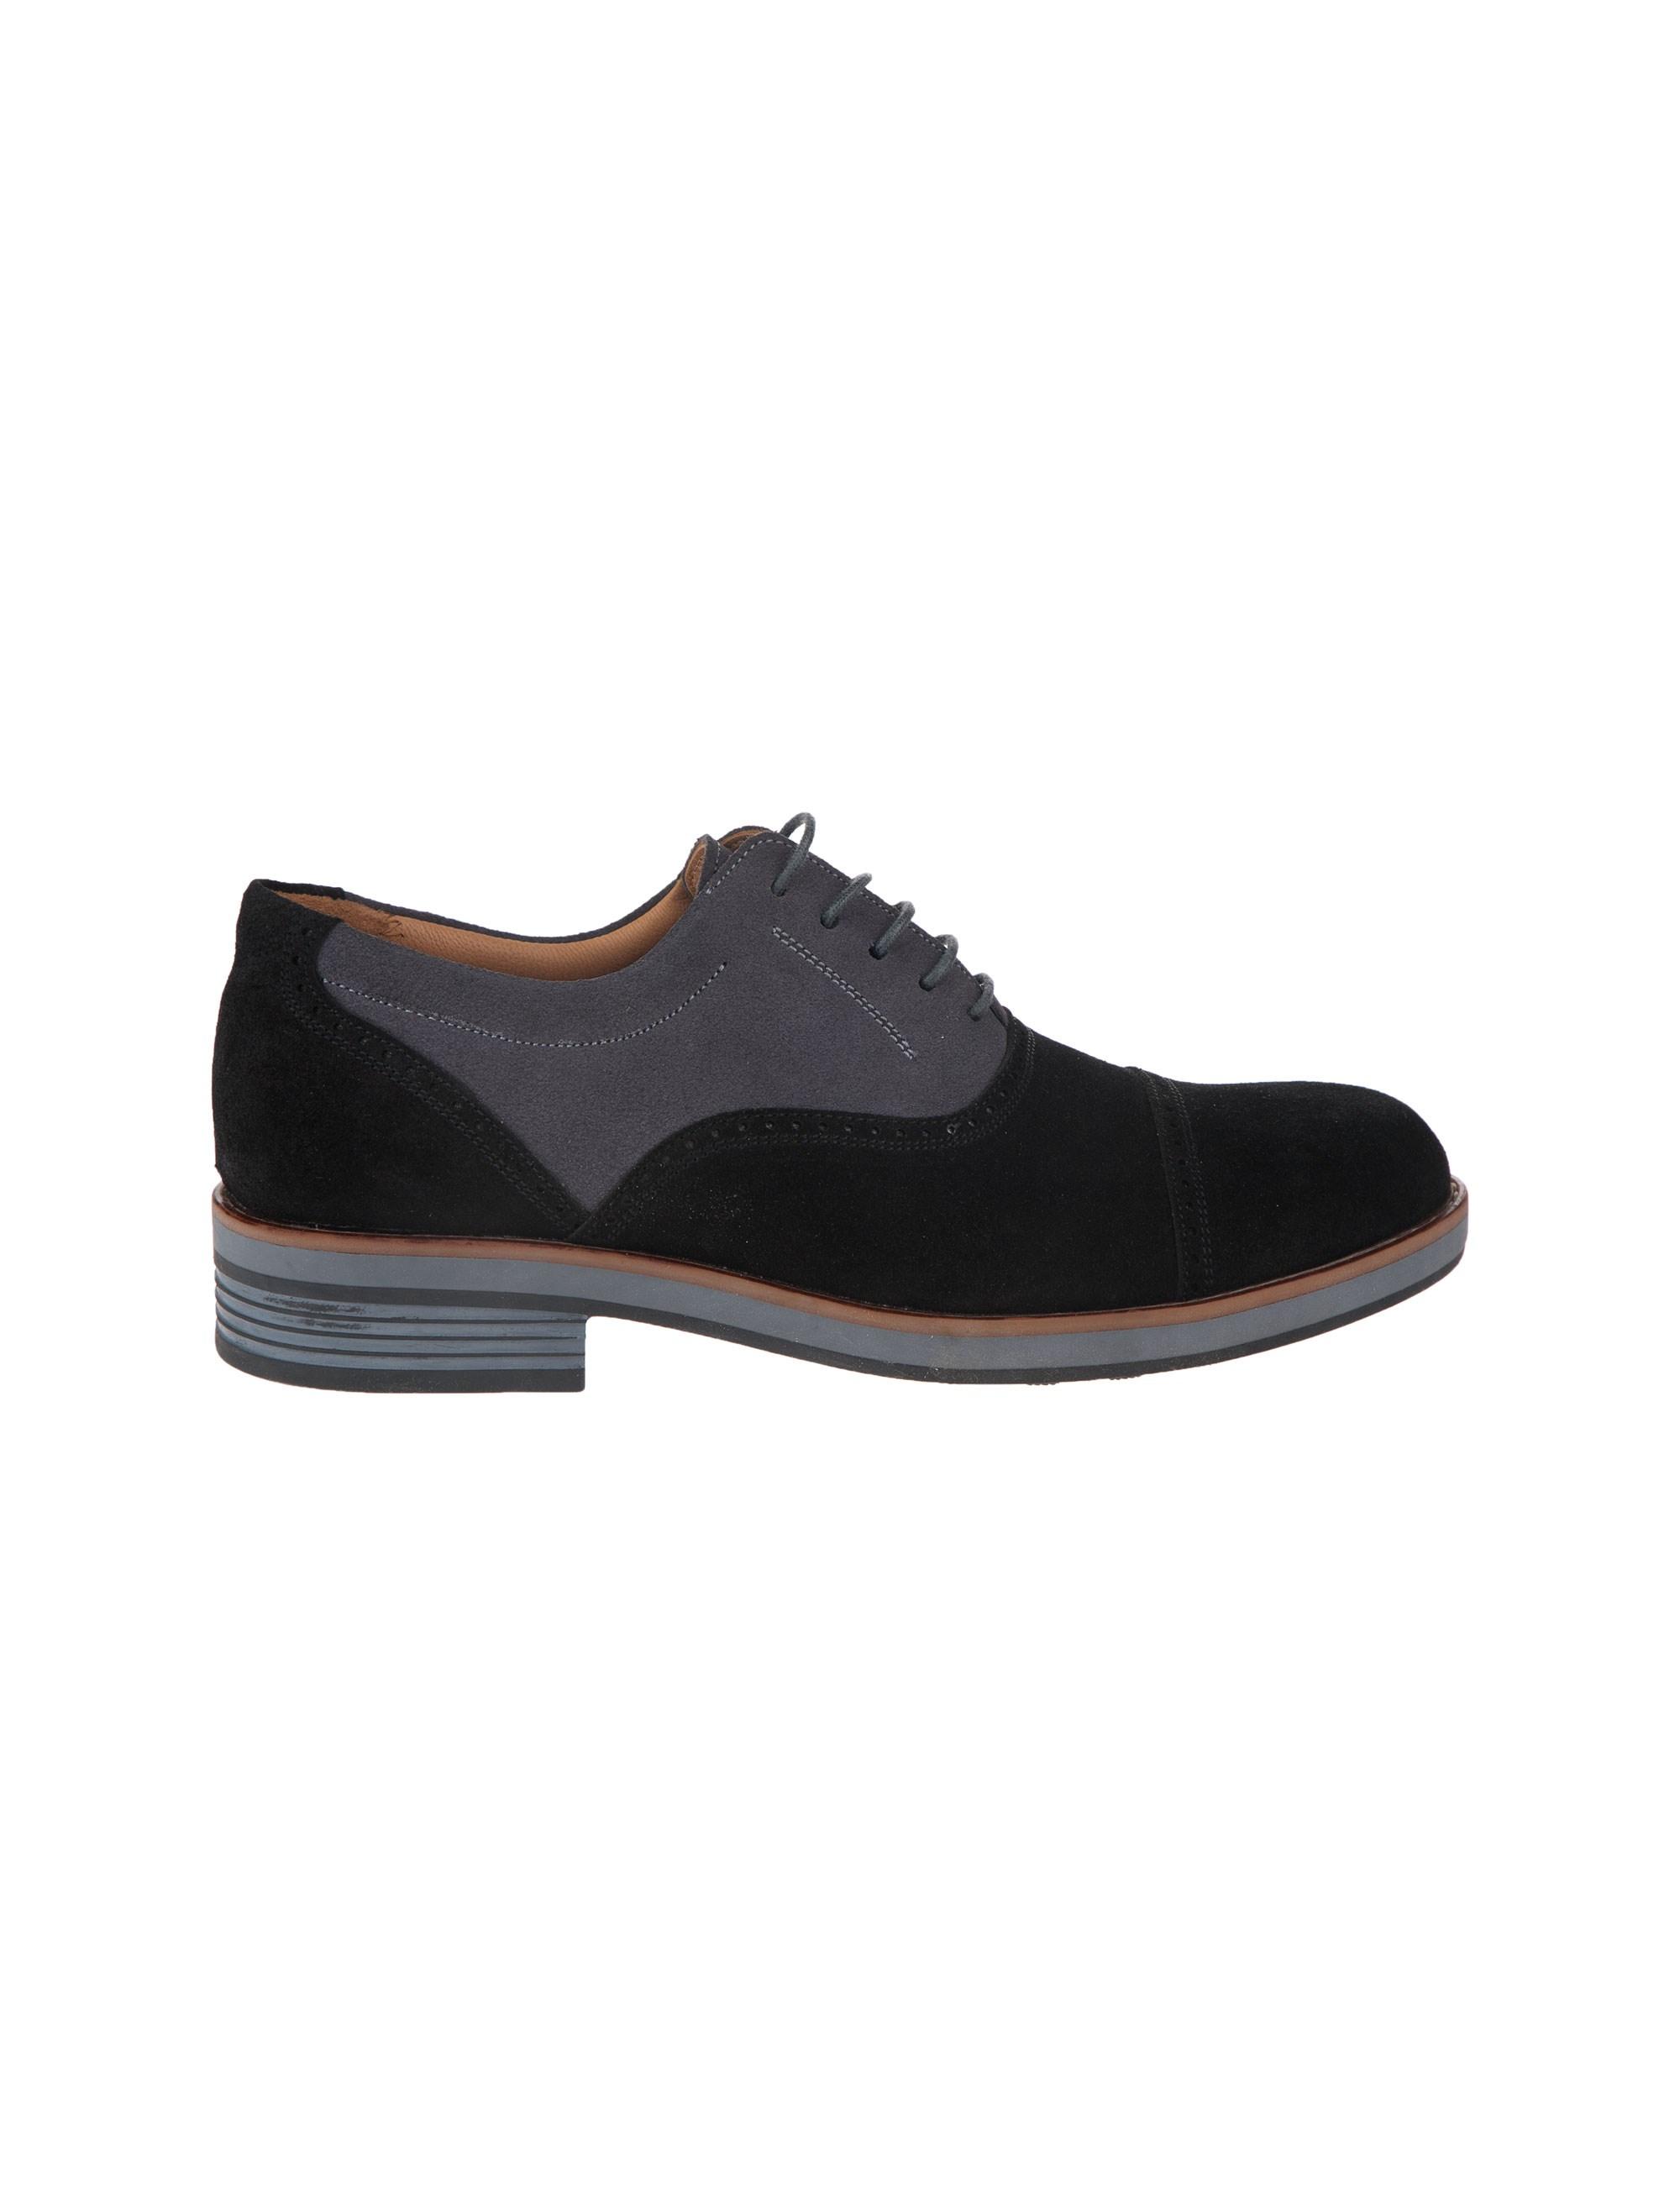 قیمت کفش اداری جیر مردانه - برتونیکس